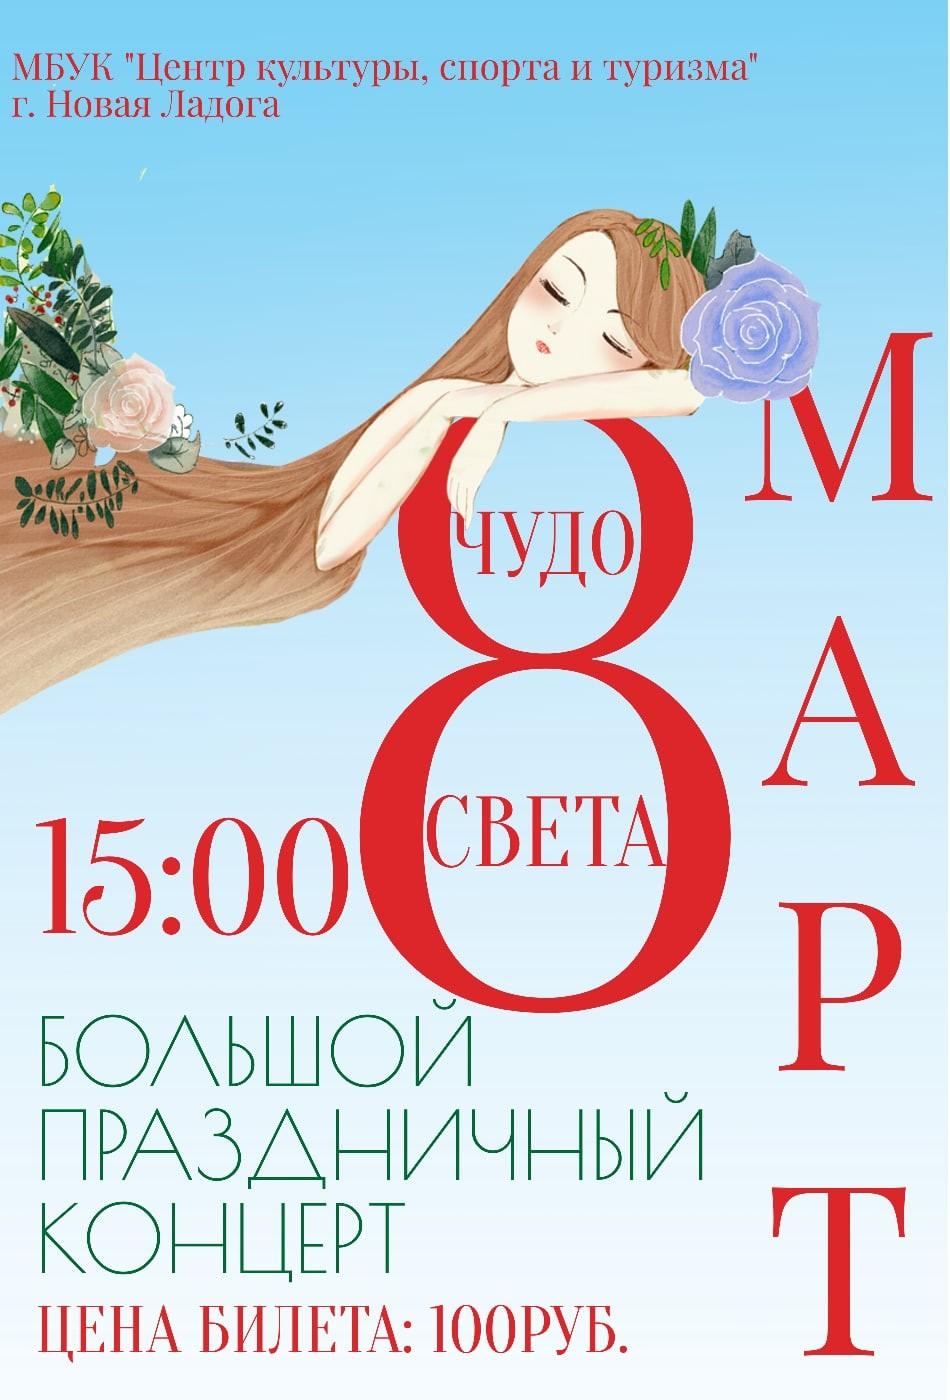 Праздничный концерт 8МАРТА